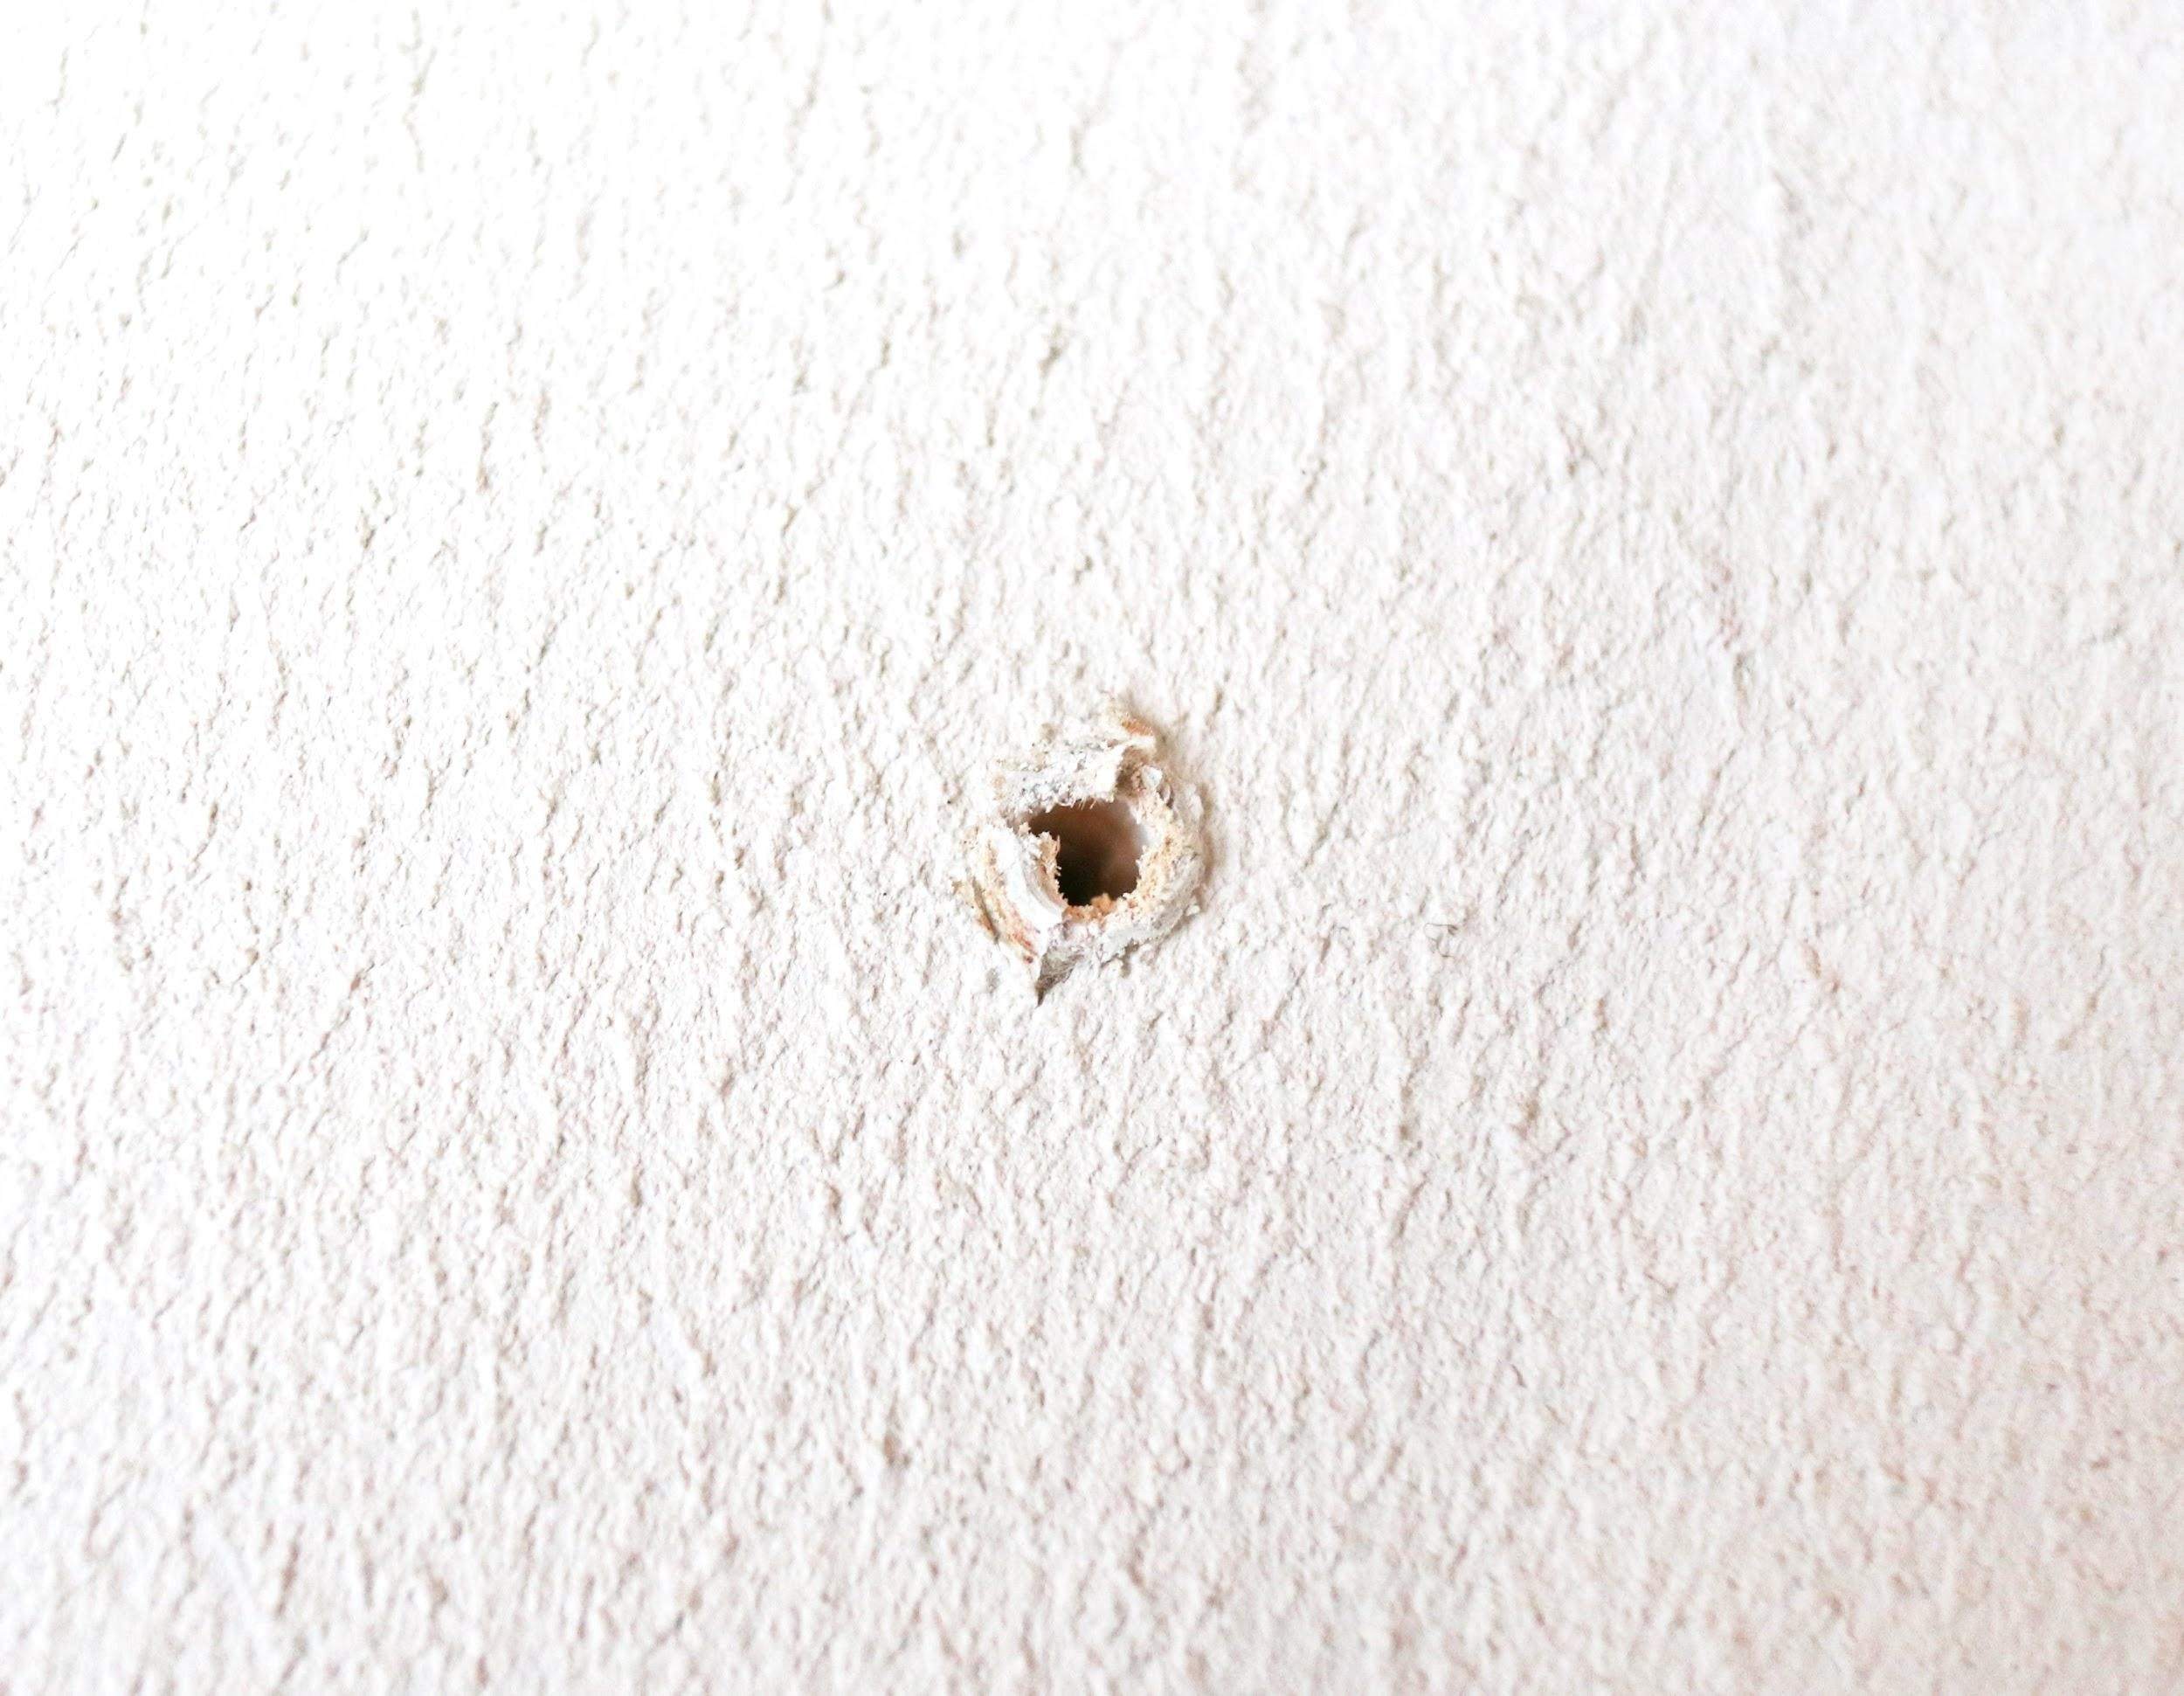 壁紙の補修キット完全カタログ 釘穴からクロス張替えまで全て網羅